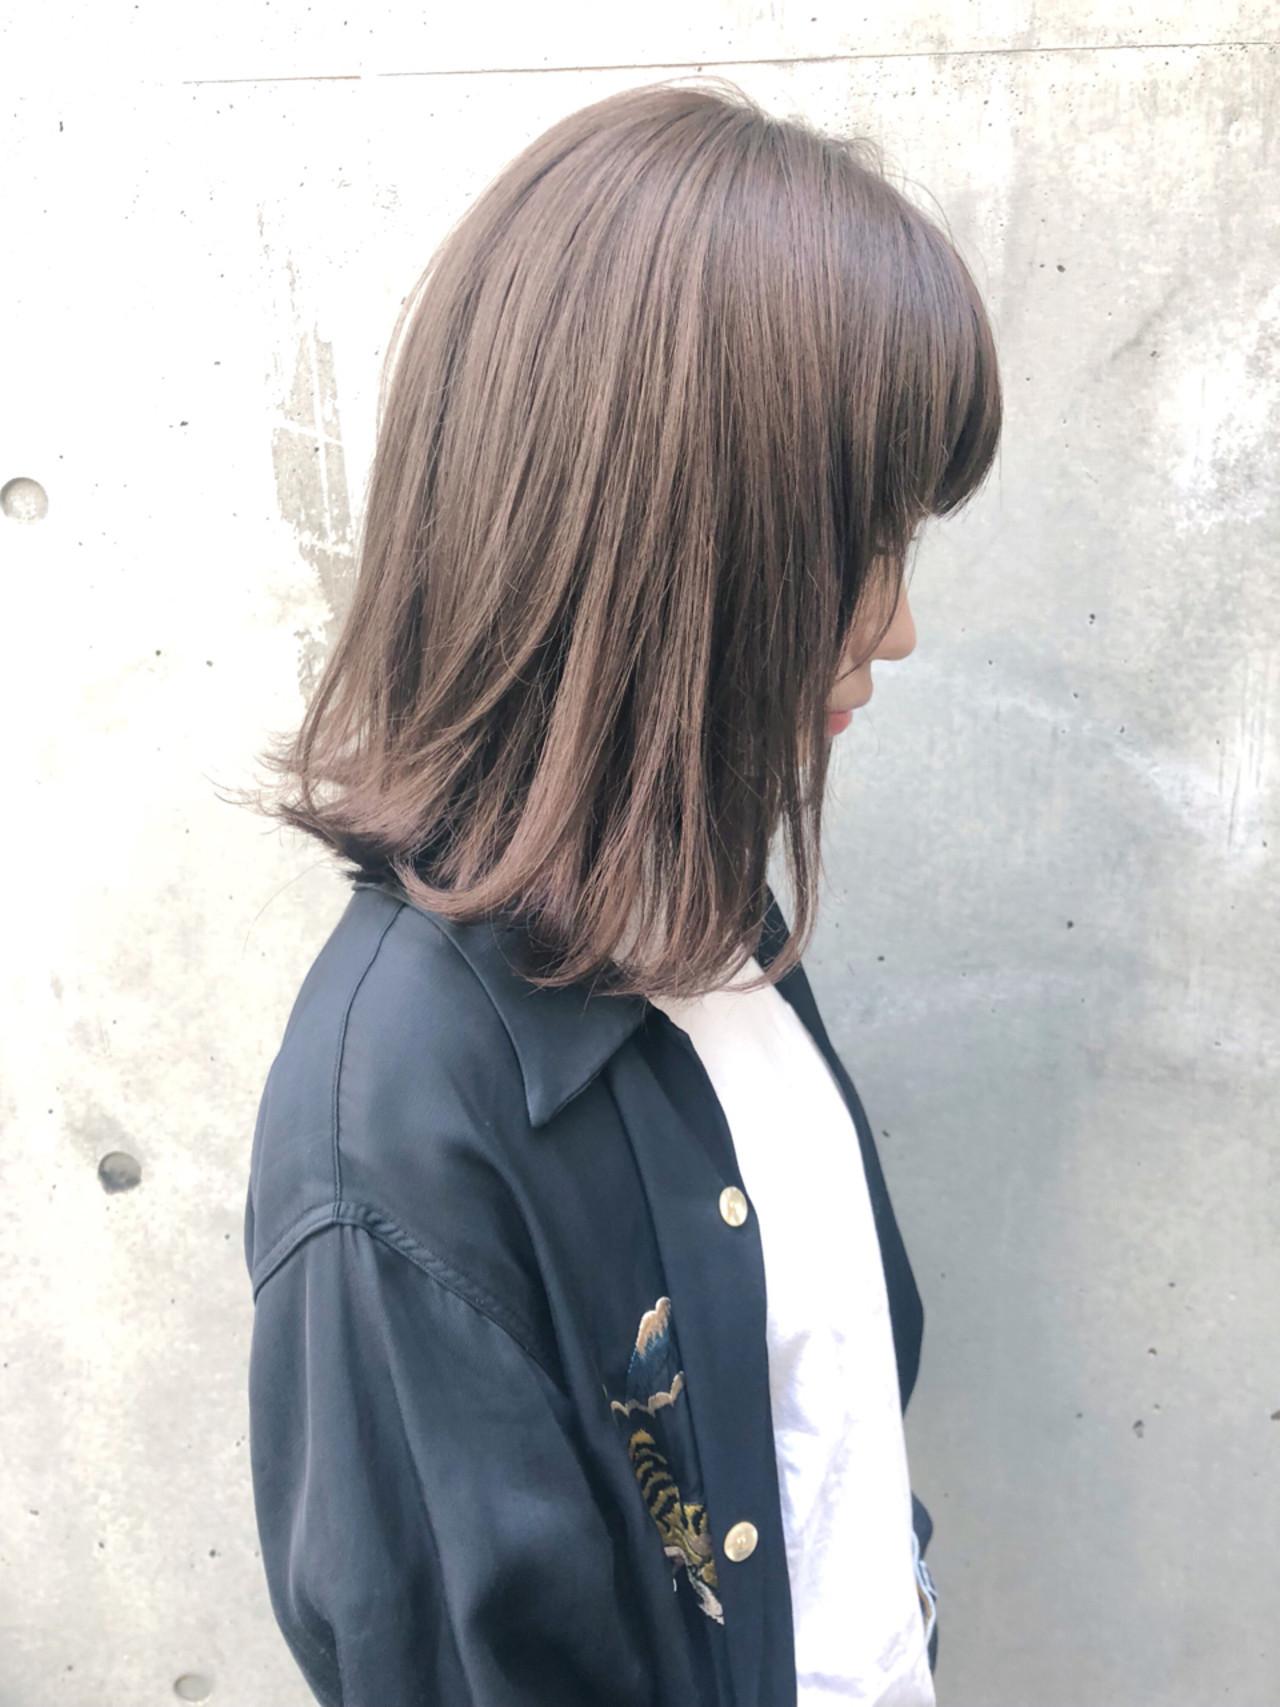 グレージュヘアカラーが似合う髪質とは 恭平 | NAVY